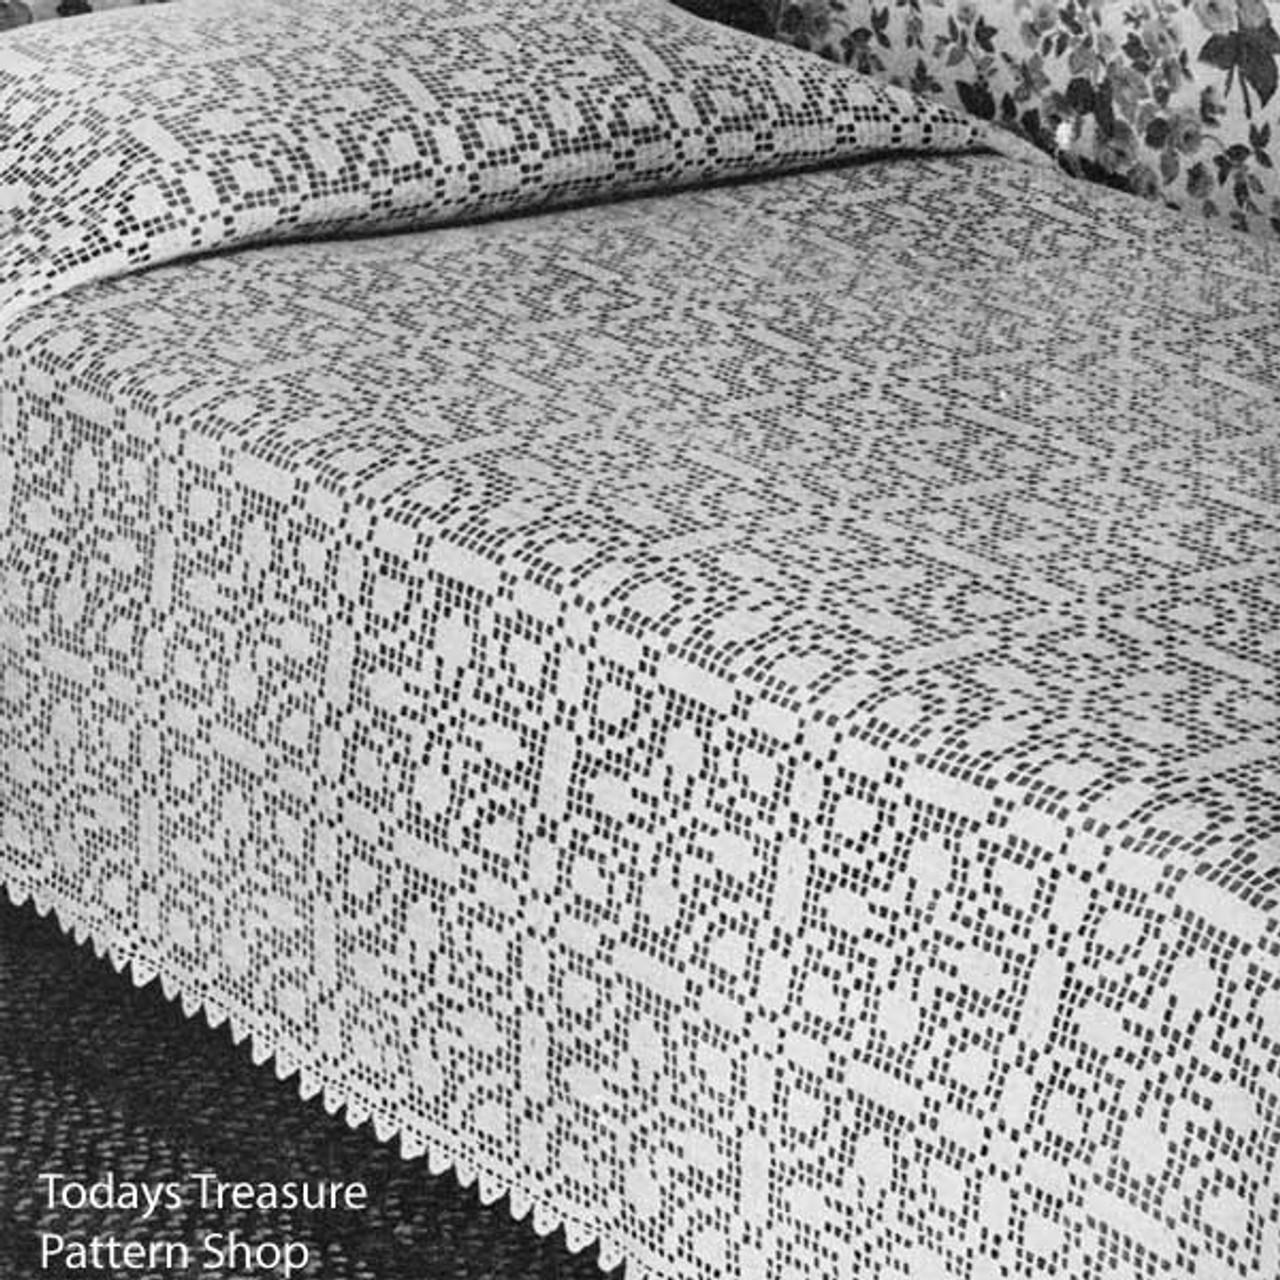 Ohio Farmhouse Bedspread Filet Crochet Pattern